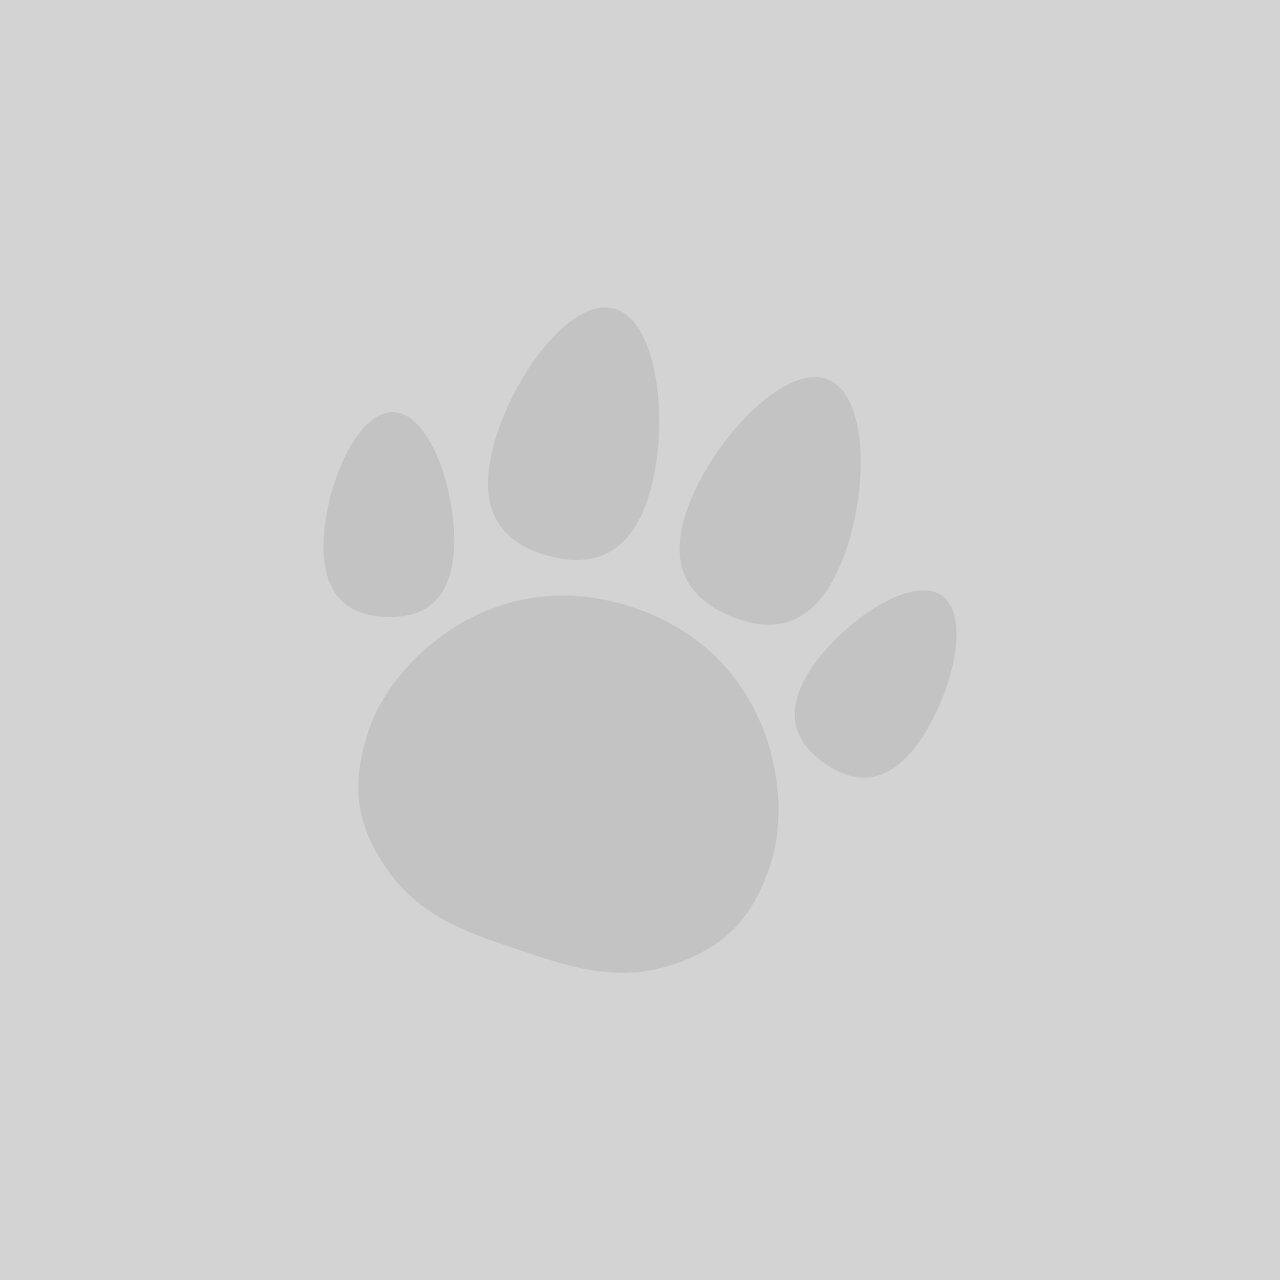 Little Petface Cat Face Balls